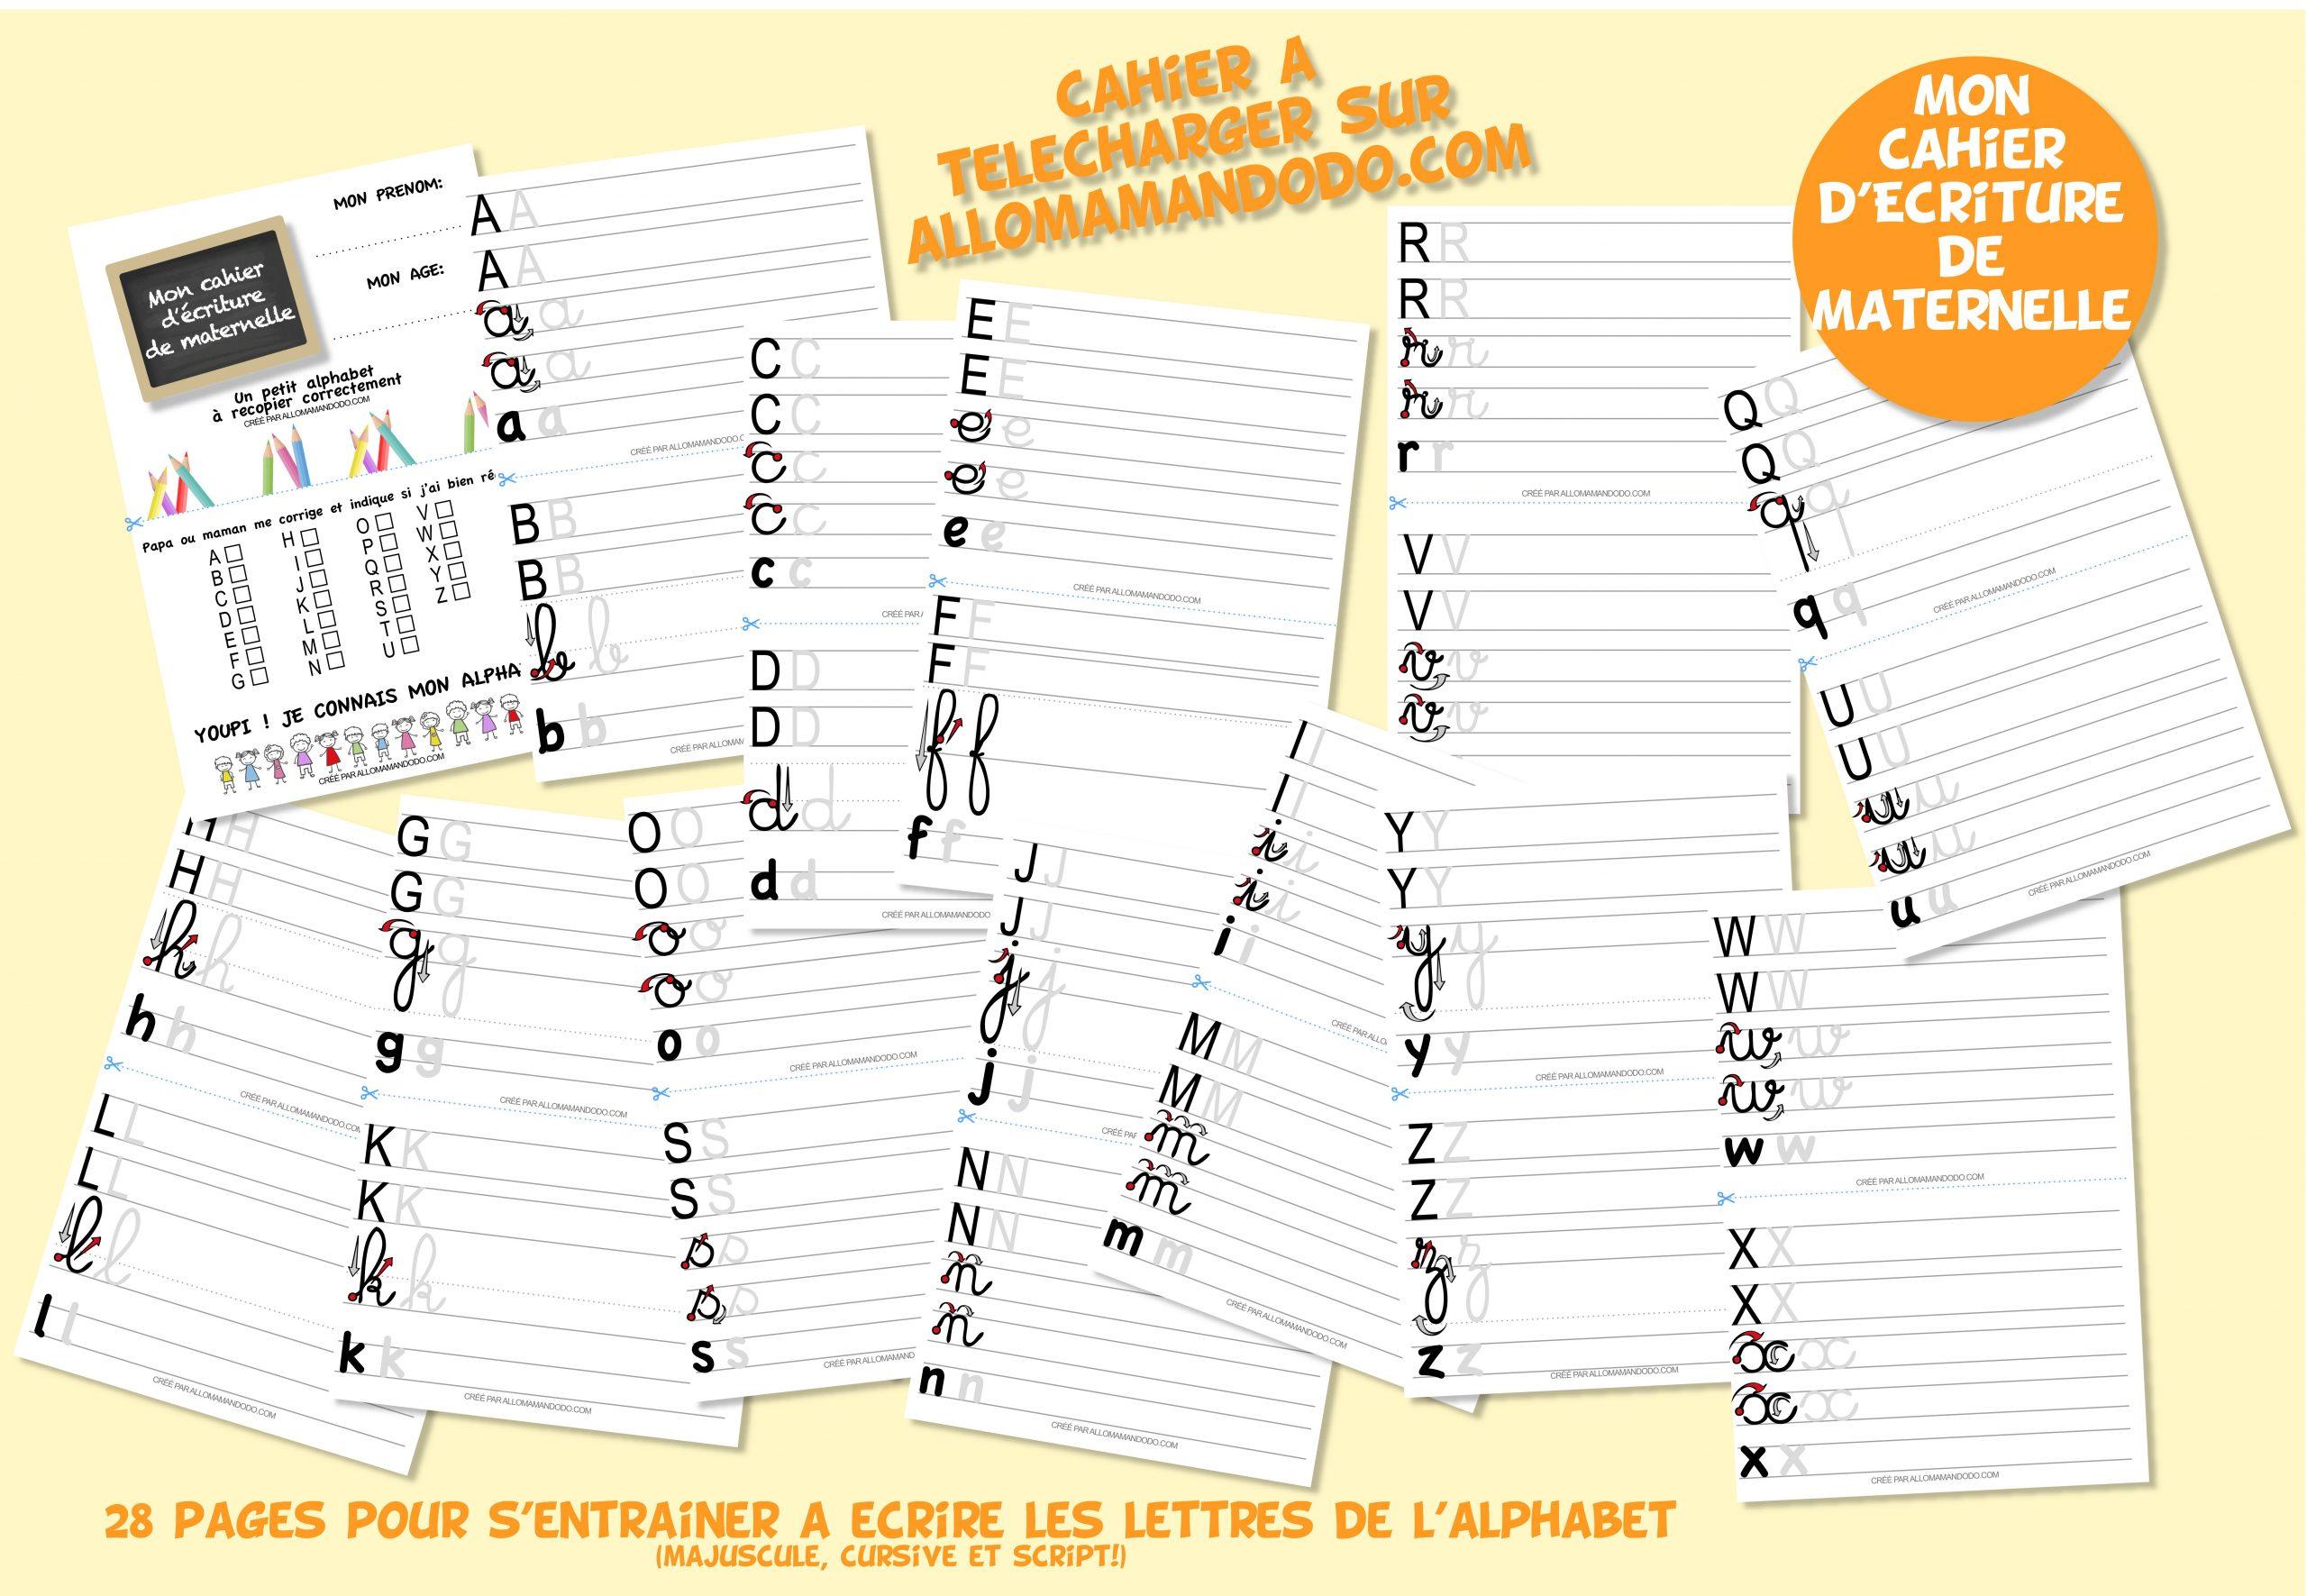 Le Cahier D'écriture De Maternelle À Télécharger ( Gratuit destiné Feuille D Ecriture Maternelle À Imprimer